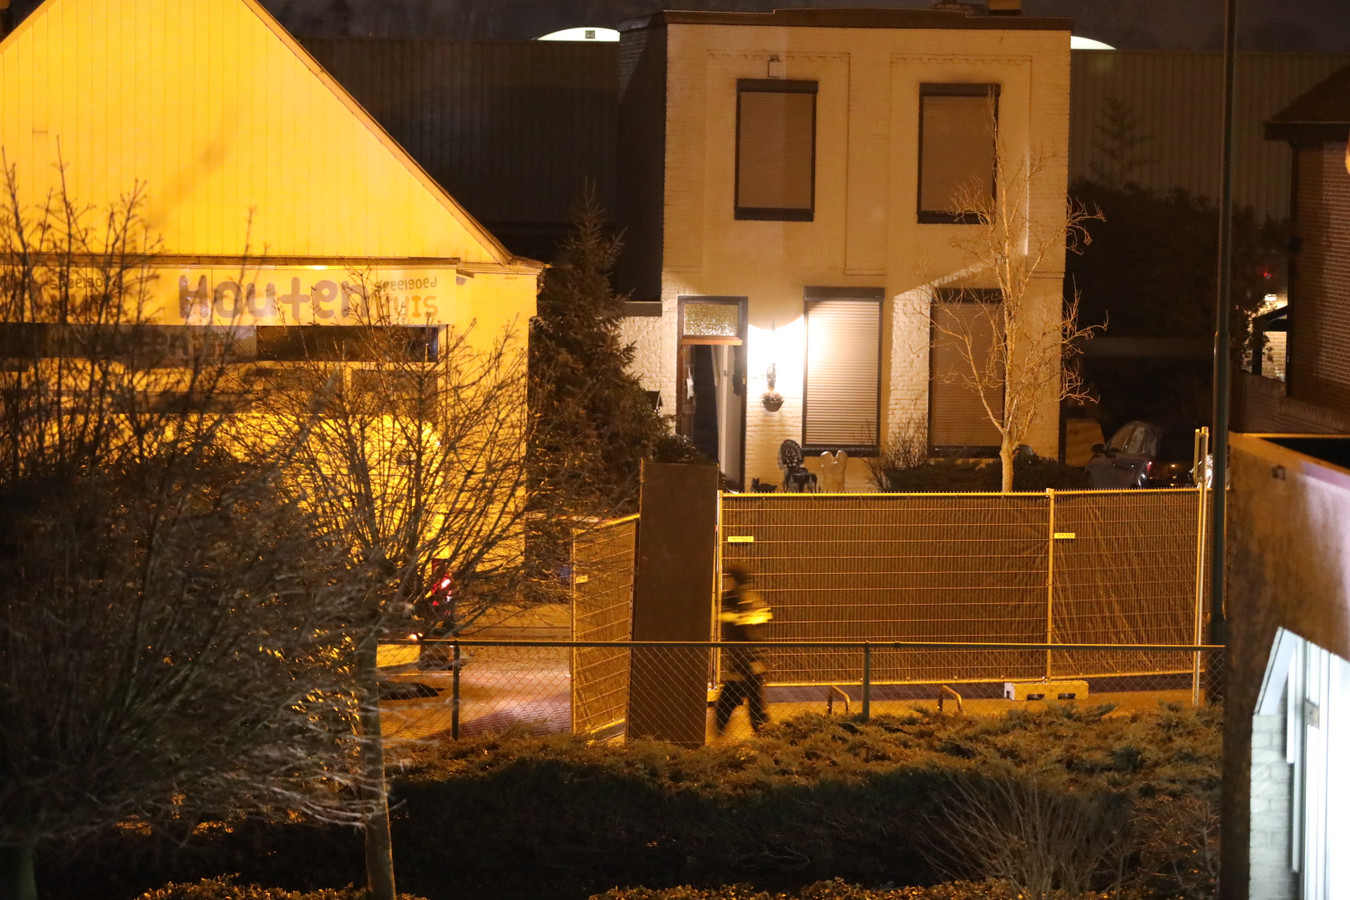 Dode vrouw gevonden in woning Kaatsheuvel.